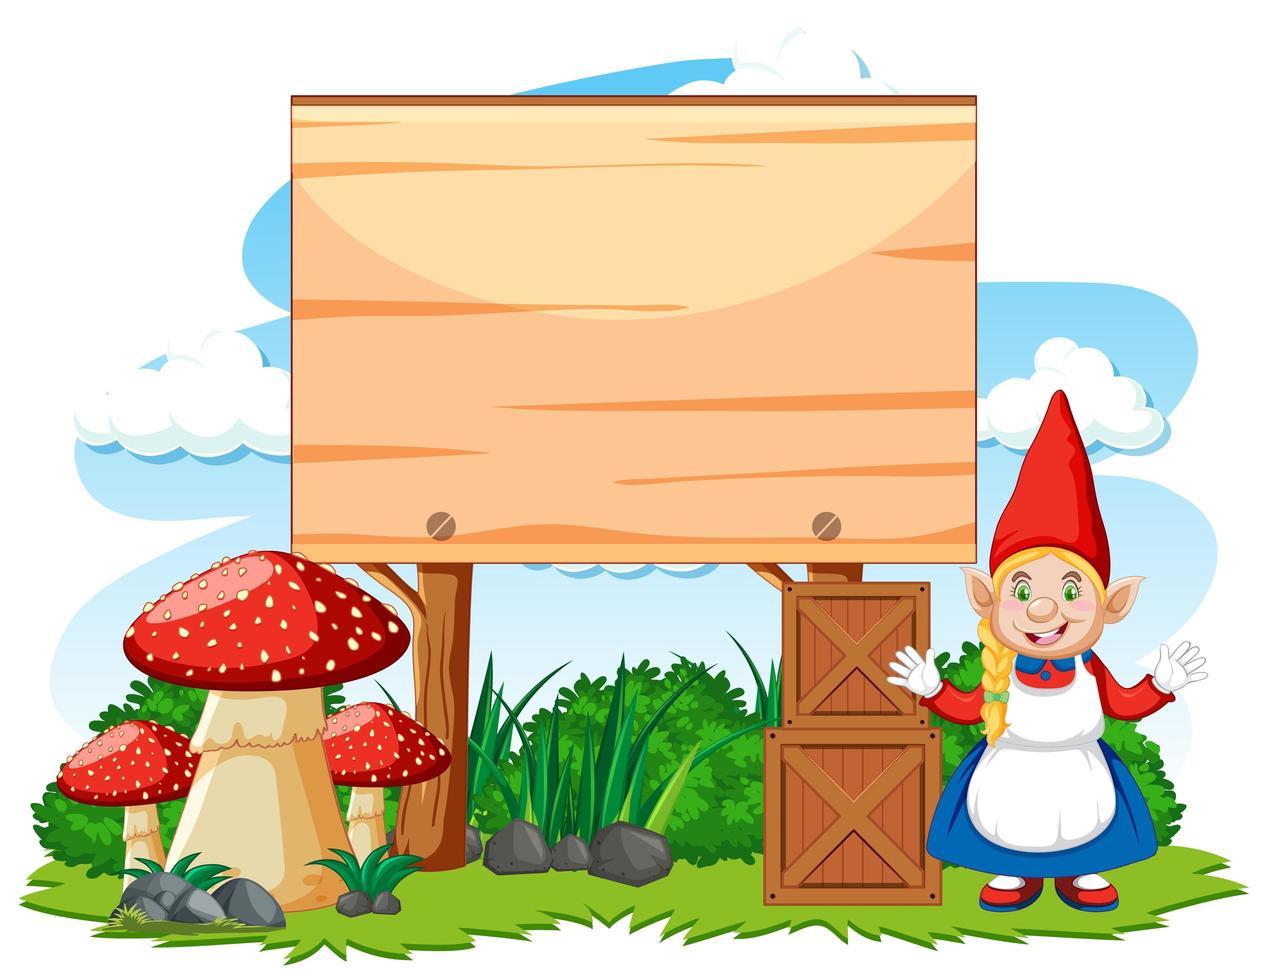 position debout de gnome à côté de la bannière vierge vecteur